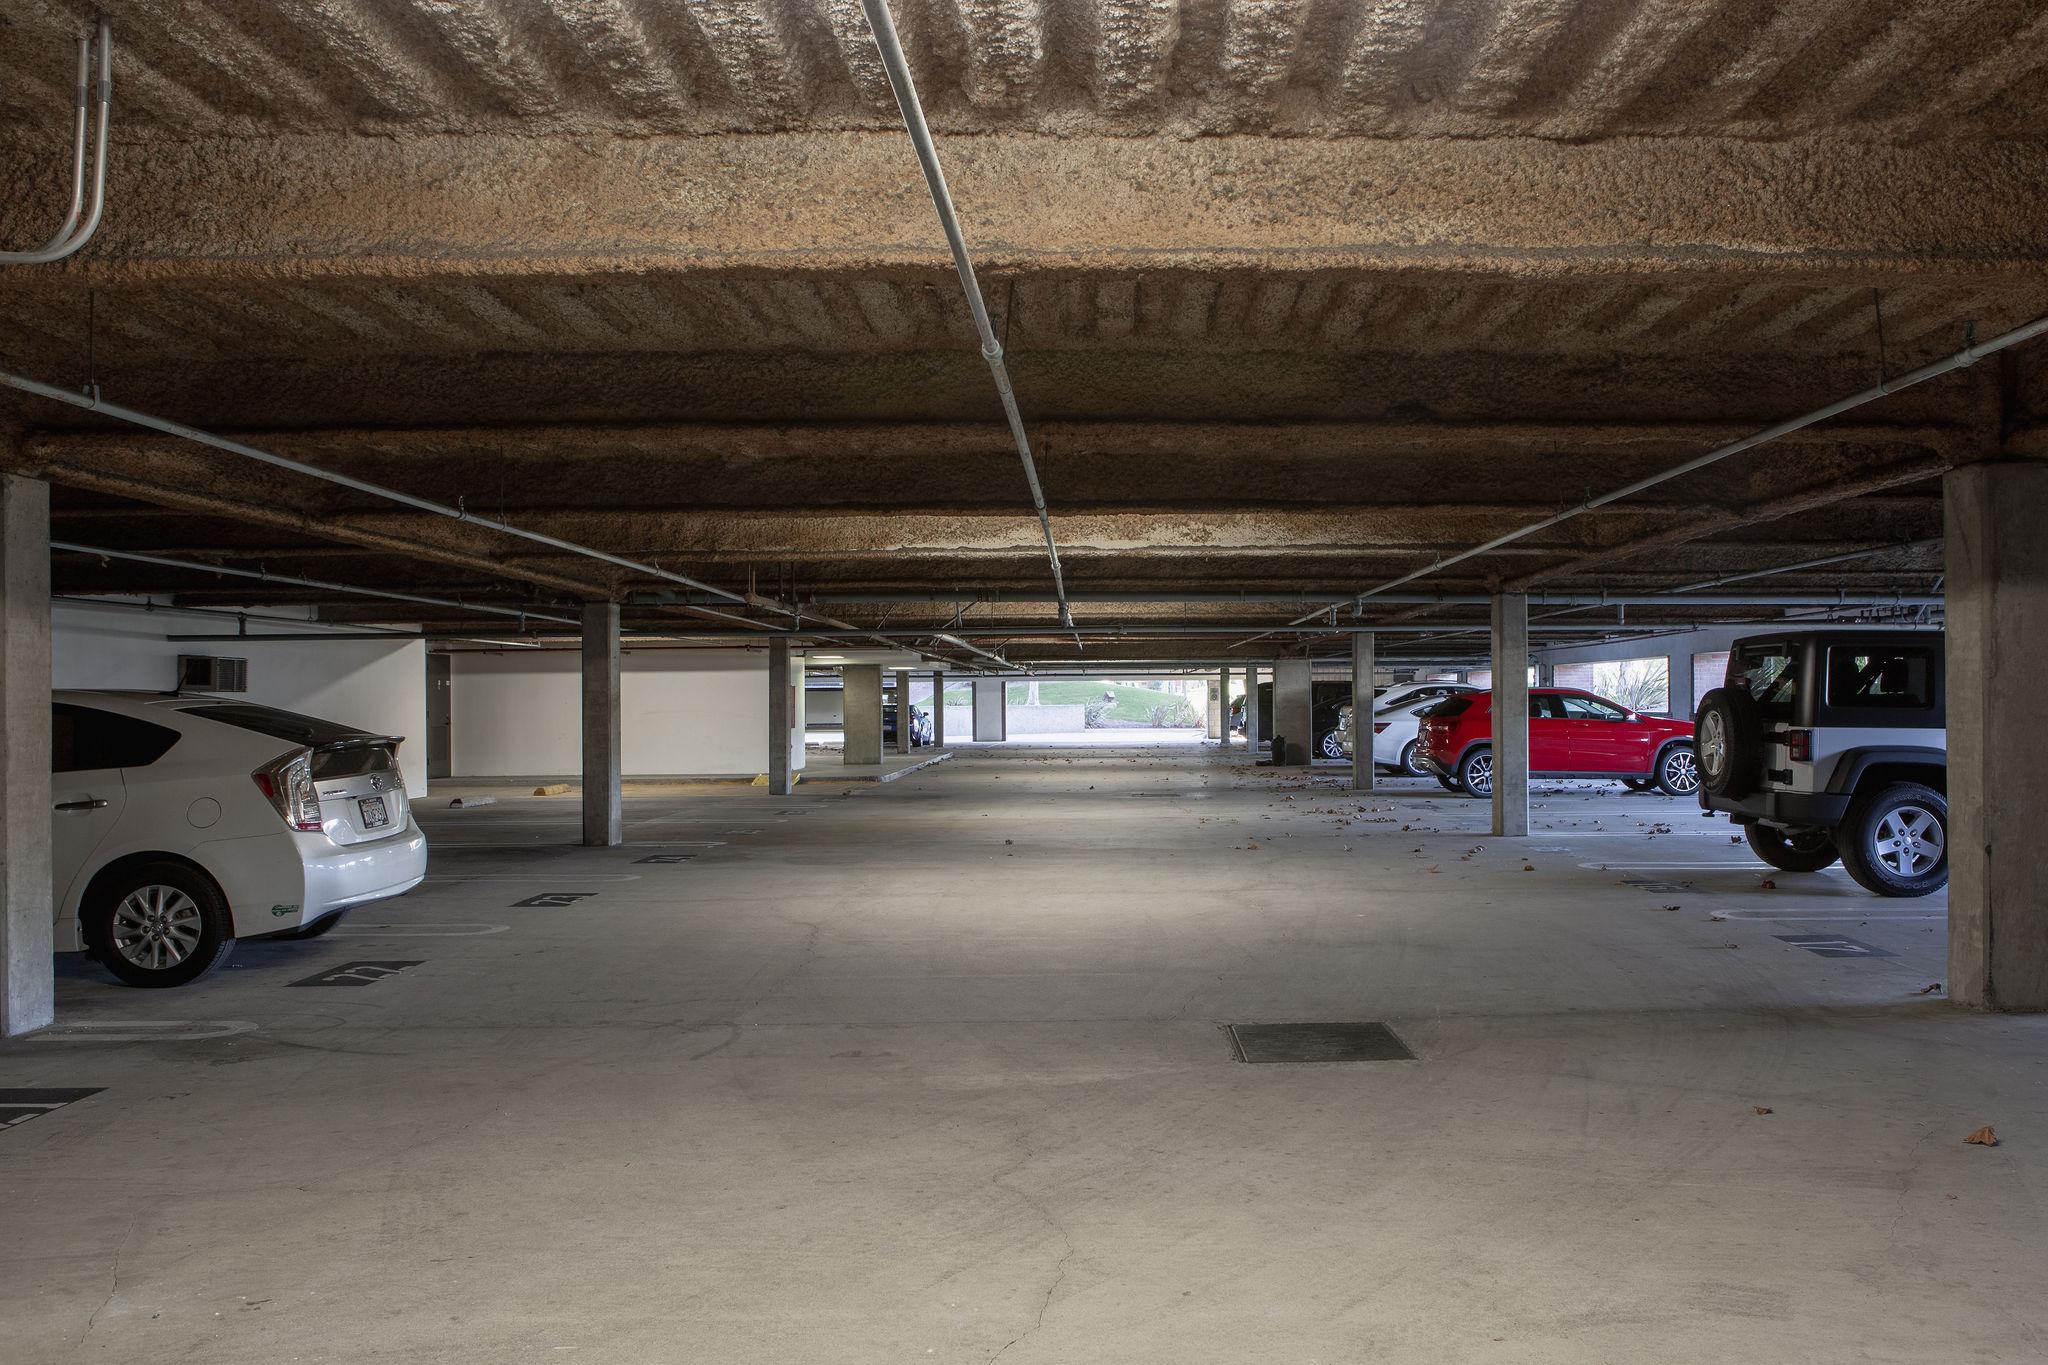 17300_redhill_before_parking_garage